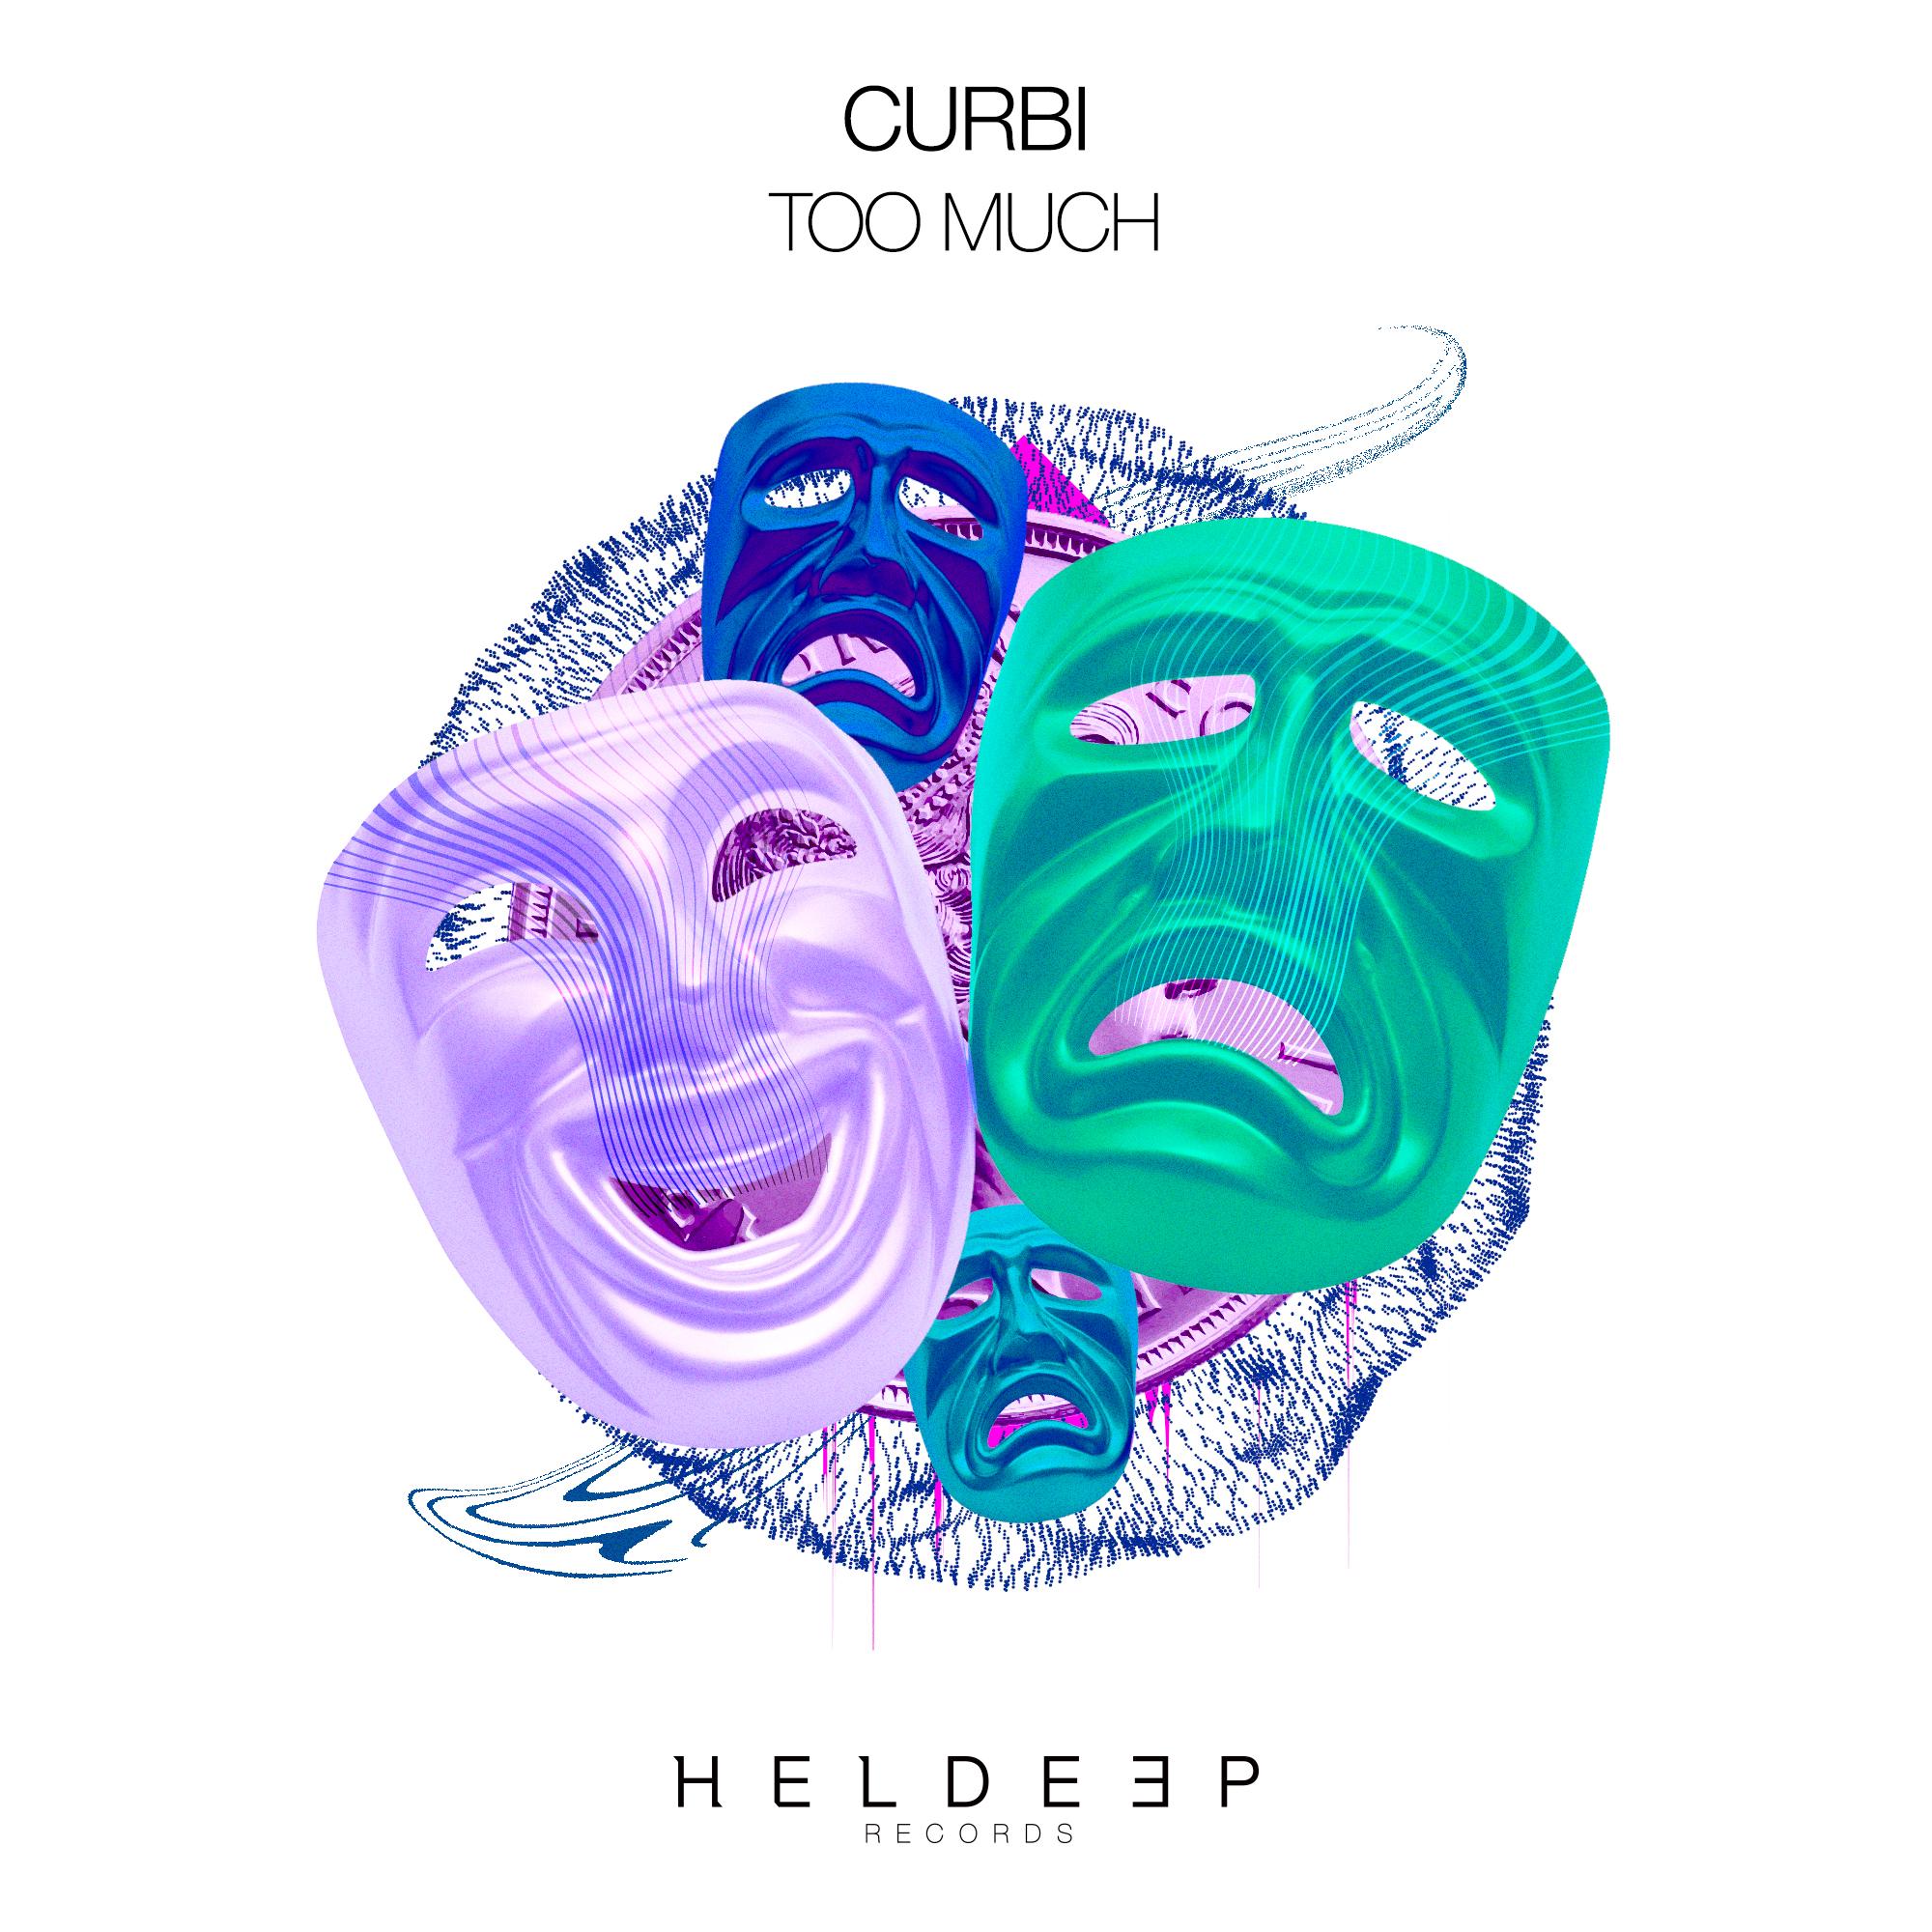 Curbi - Too Much